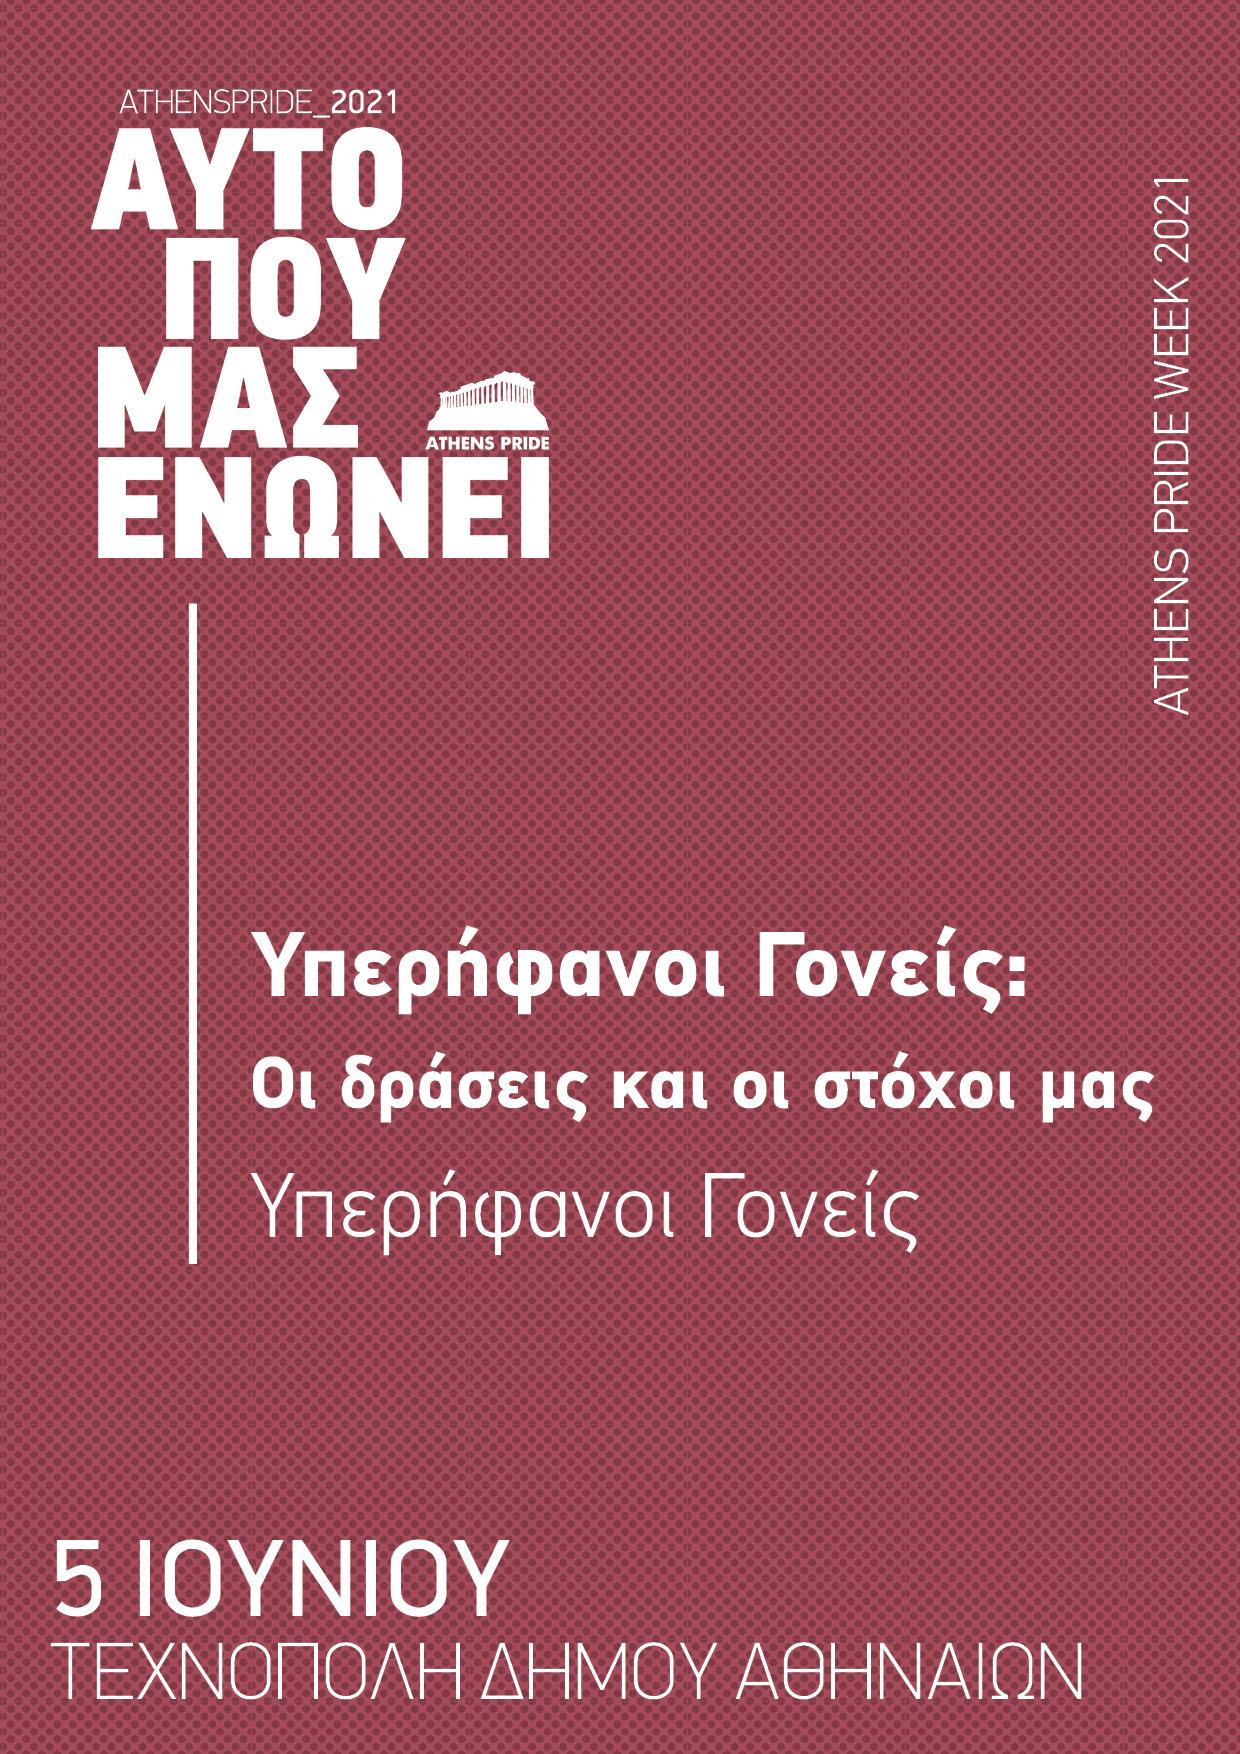 Αφίσα εκδήλωσης στο πλαίσιο του Athens Pride Week με βυσσινί φόντο